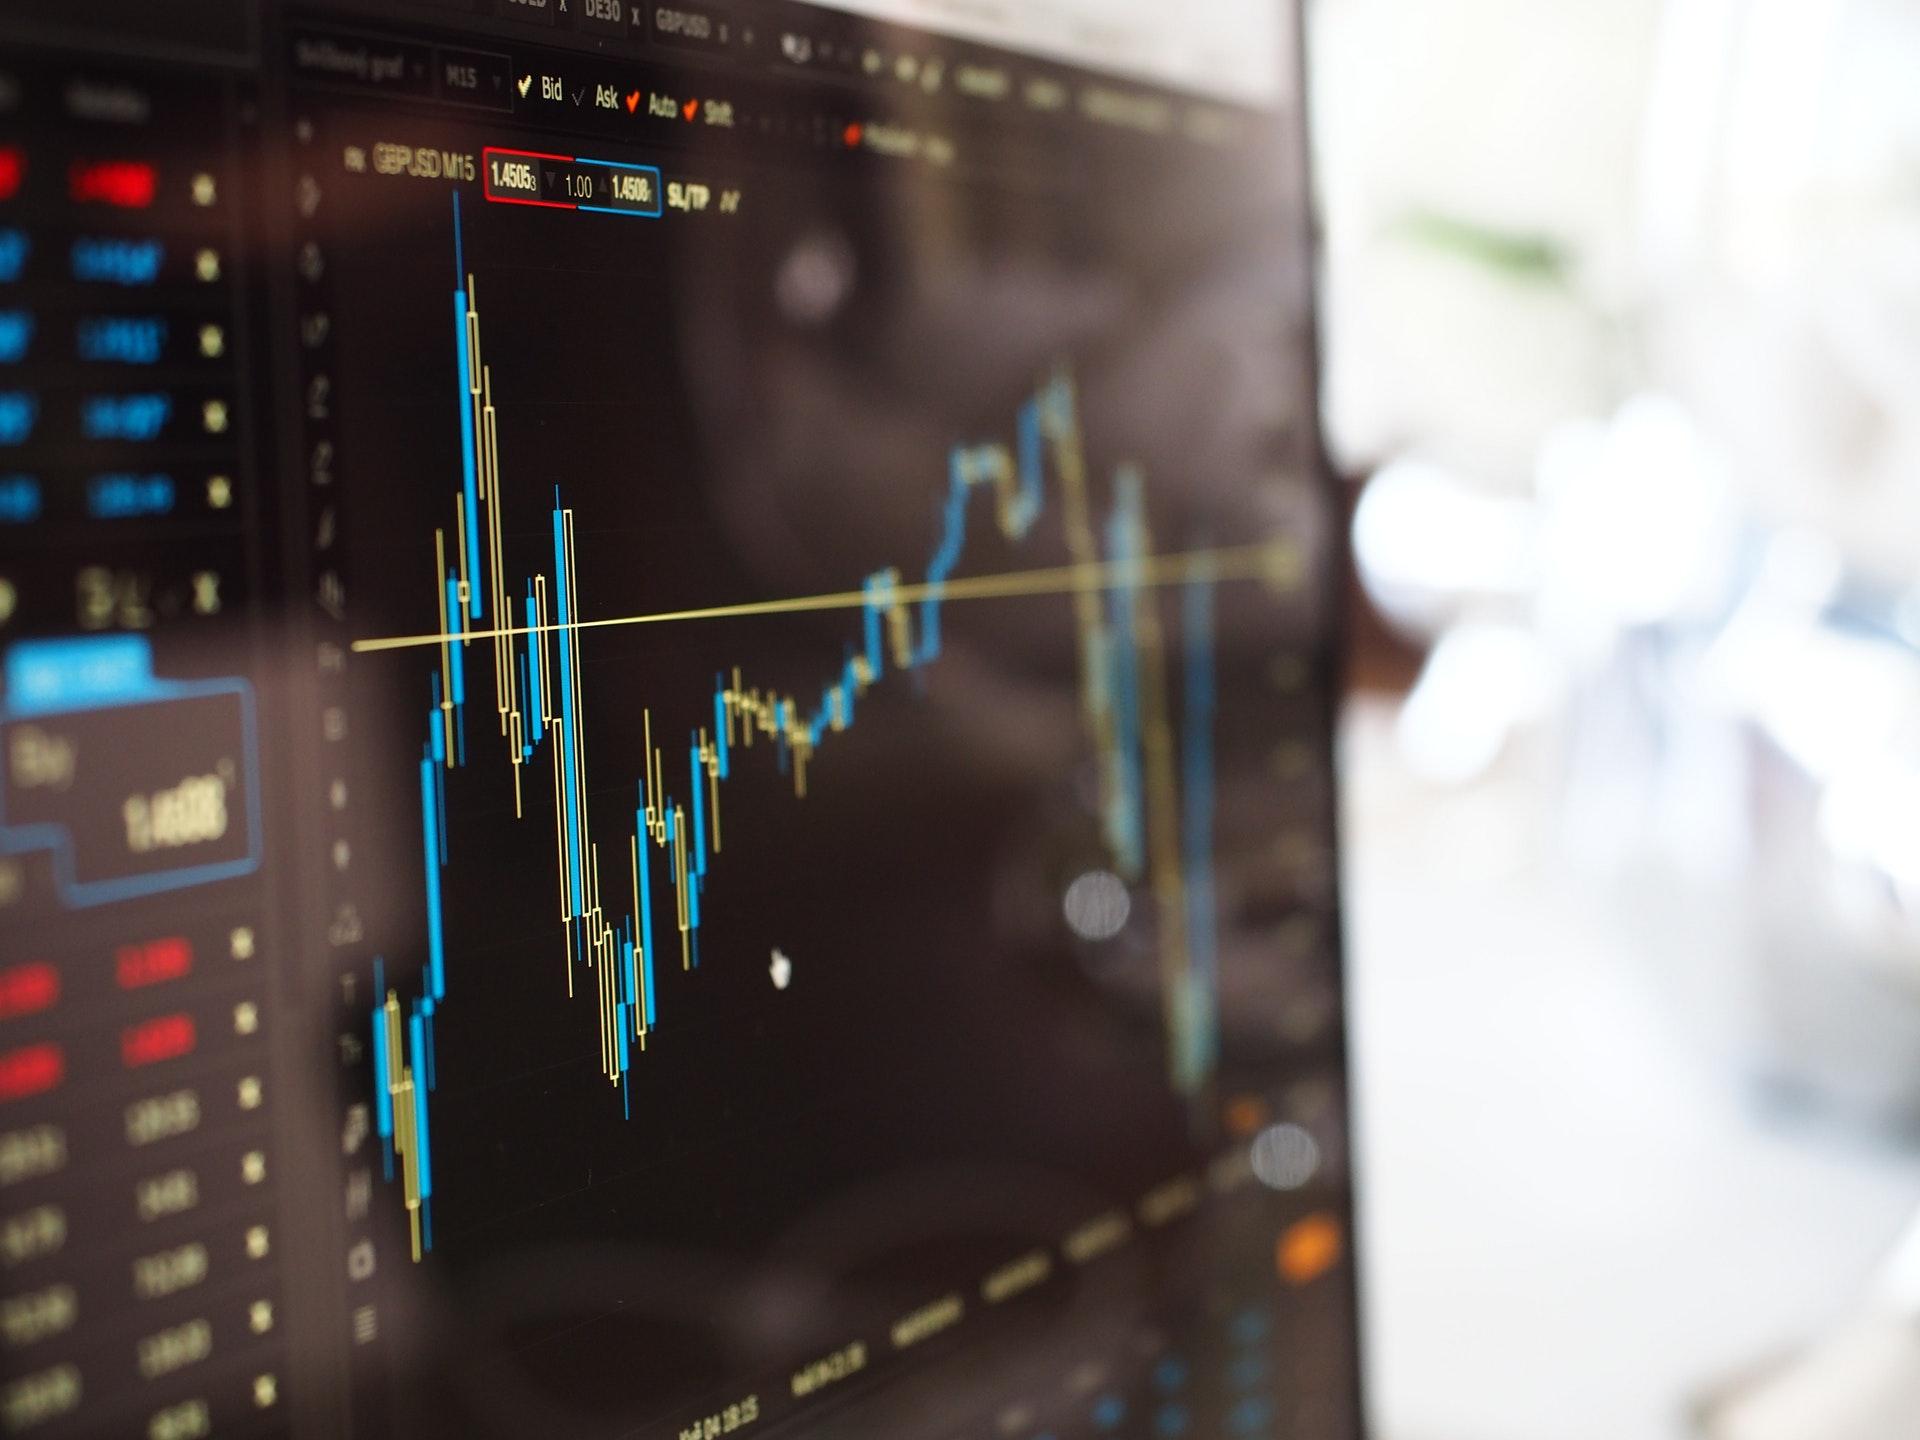 Monitoraggio mercati ed ottimizzazione contratti di fornitura